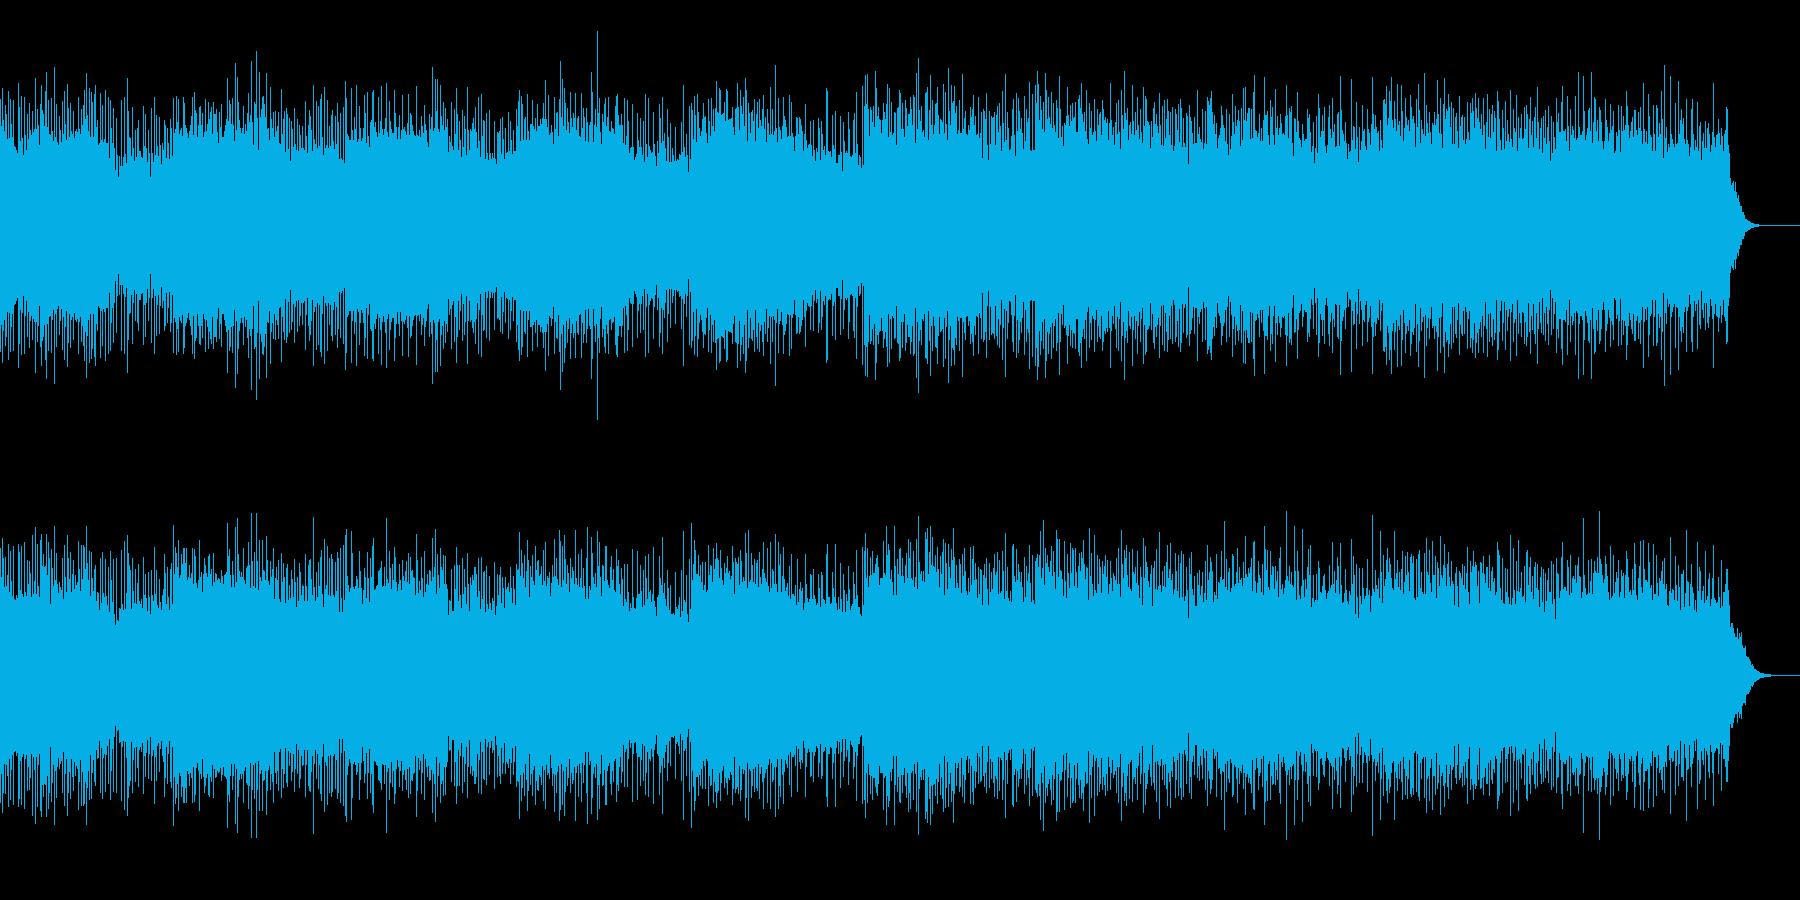 メロディーのないオルタナティブロックの再生済みの波形